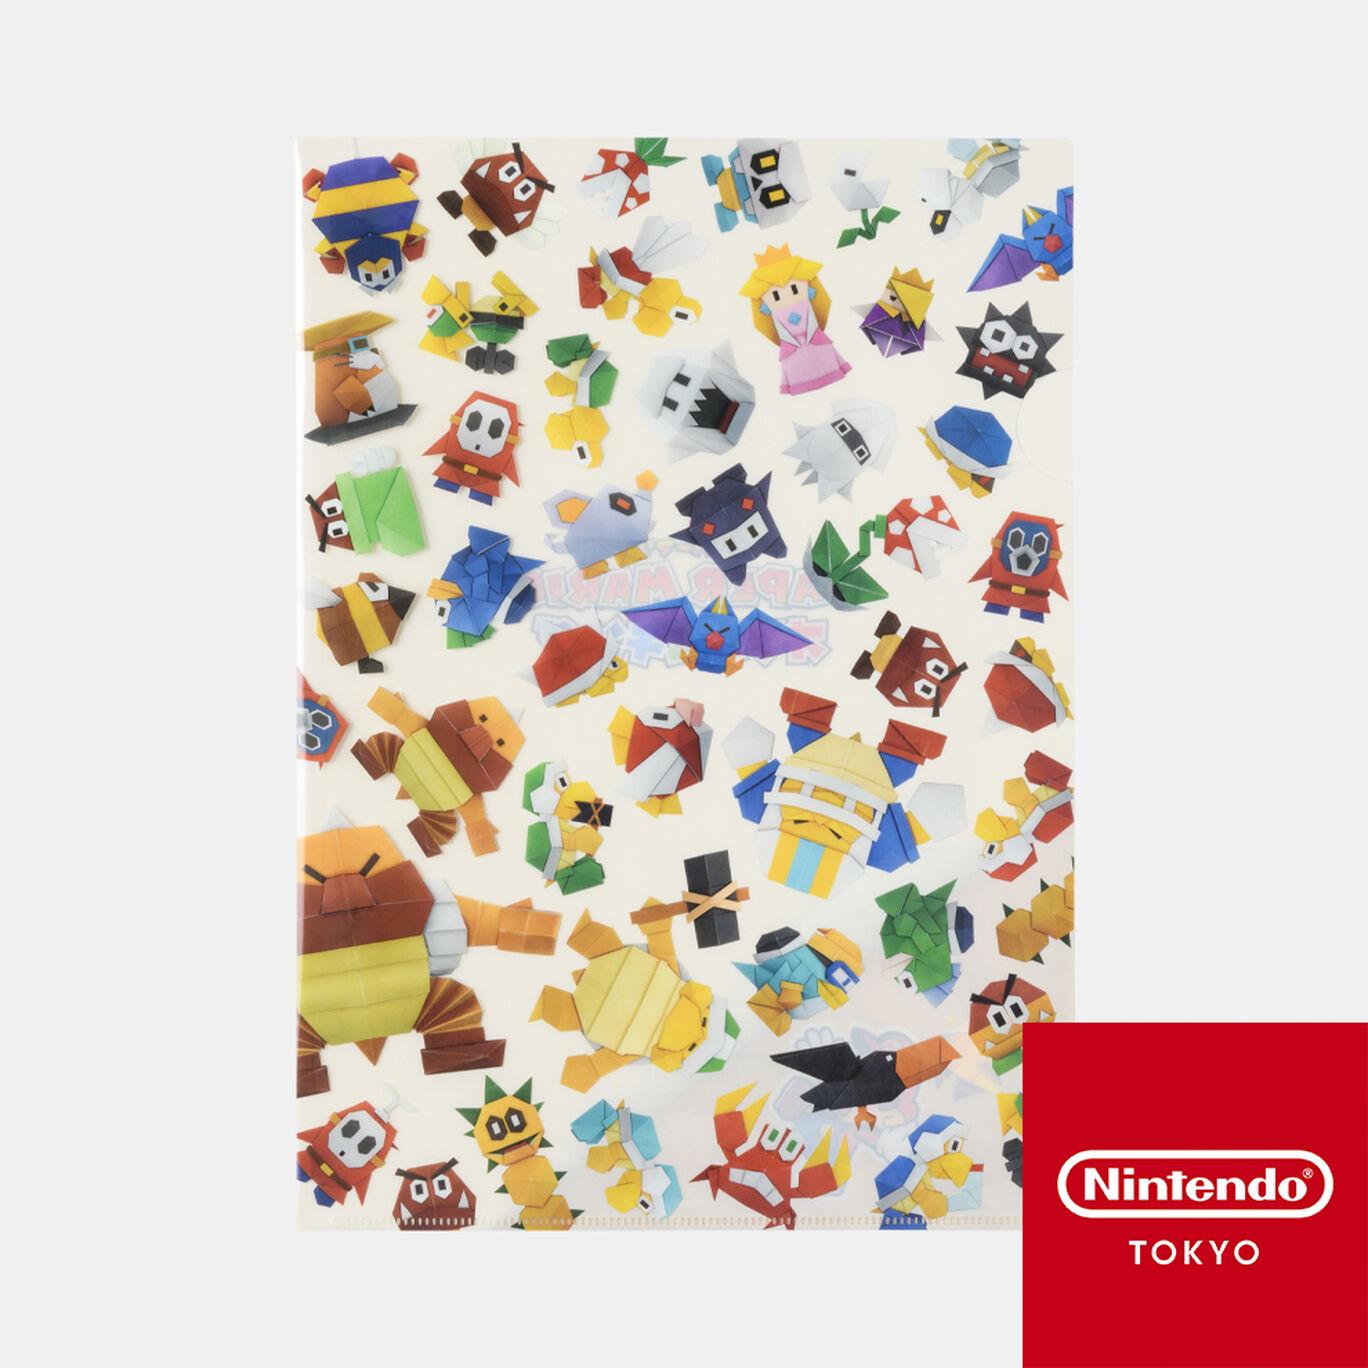 A4クリアファイル ペーパーマリオ オリガミキング【Nintendo TOKYO取り扱い商品】